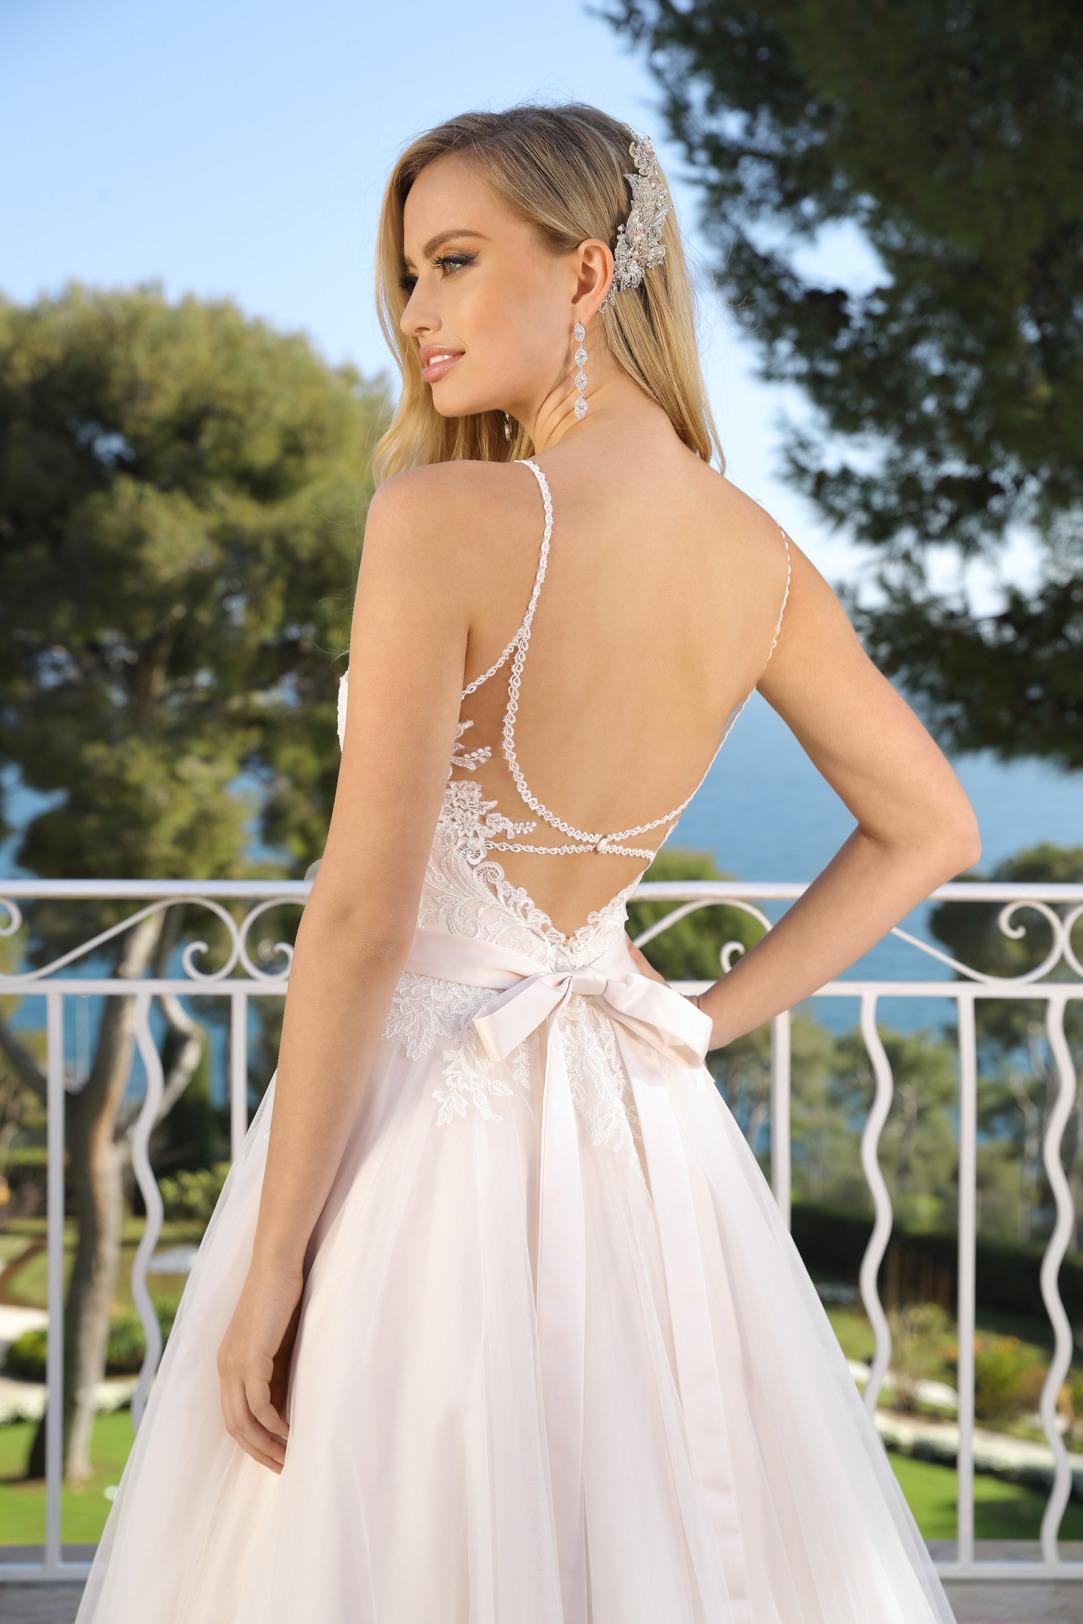 Brautkleid Hochzeitskleid in klassischer A Linie von Ladybird Modell 321000 mit ganz fein gearbeitetem V Ausschnitt und schmalen Trägern Spitze im Dekolltee das Kleid in der Farbe light pink rose Nahaufnahme Rücken